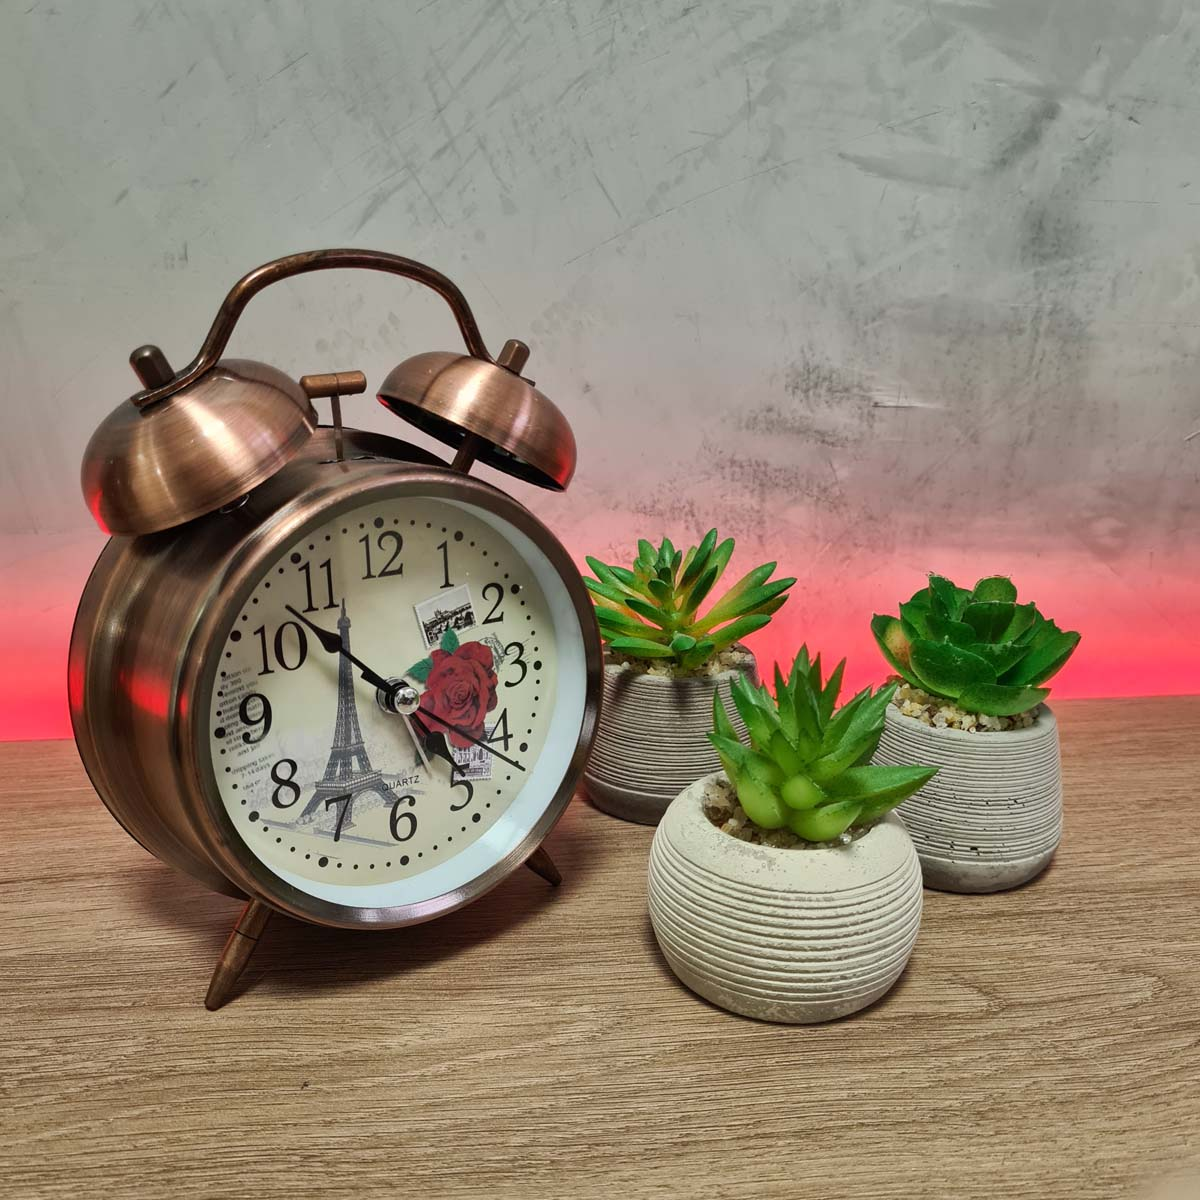 Relógio Retrô com Despertador Vintage Paris